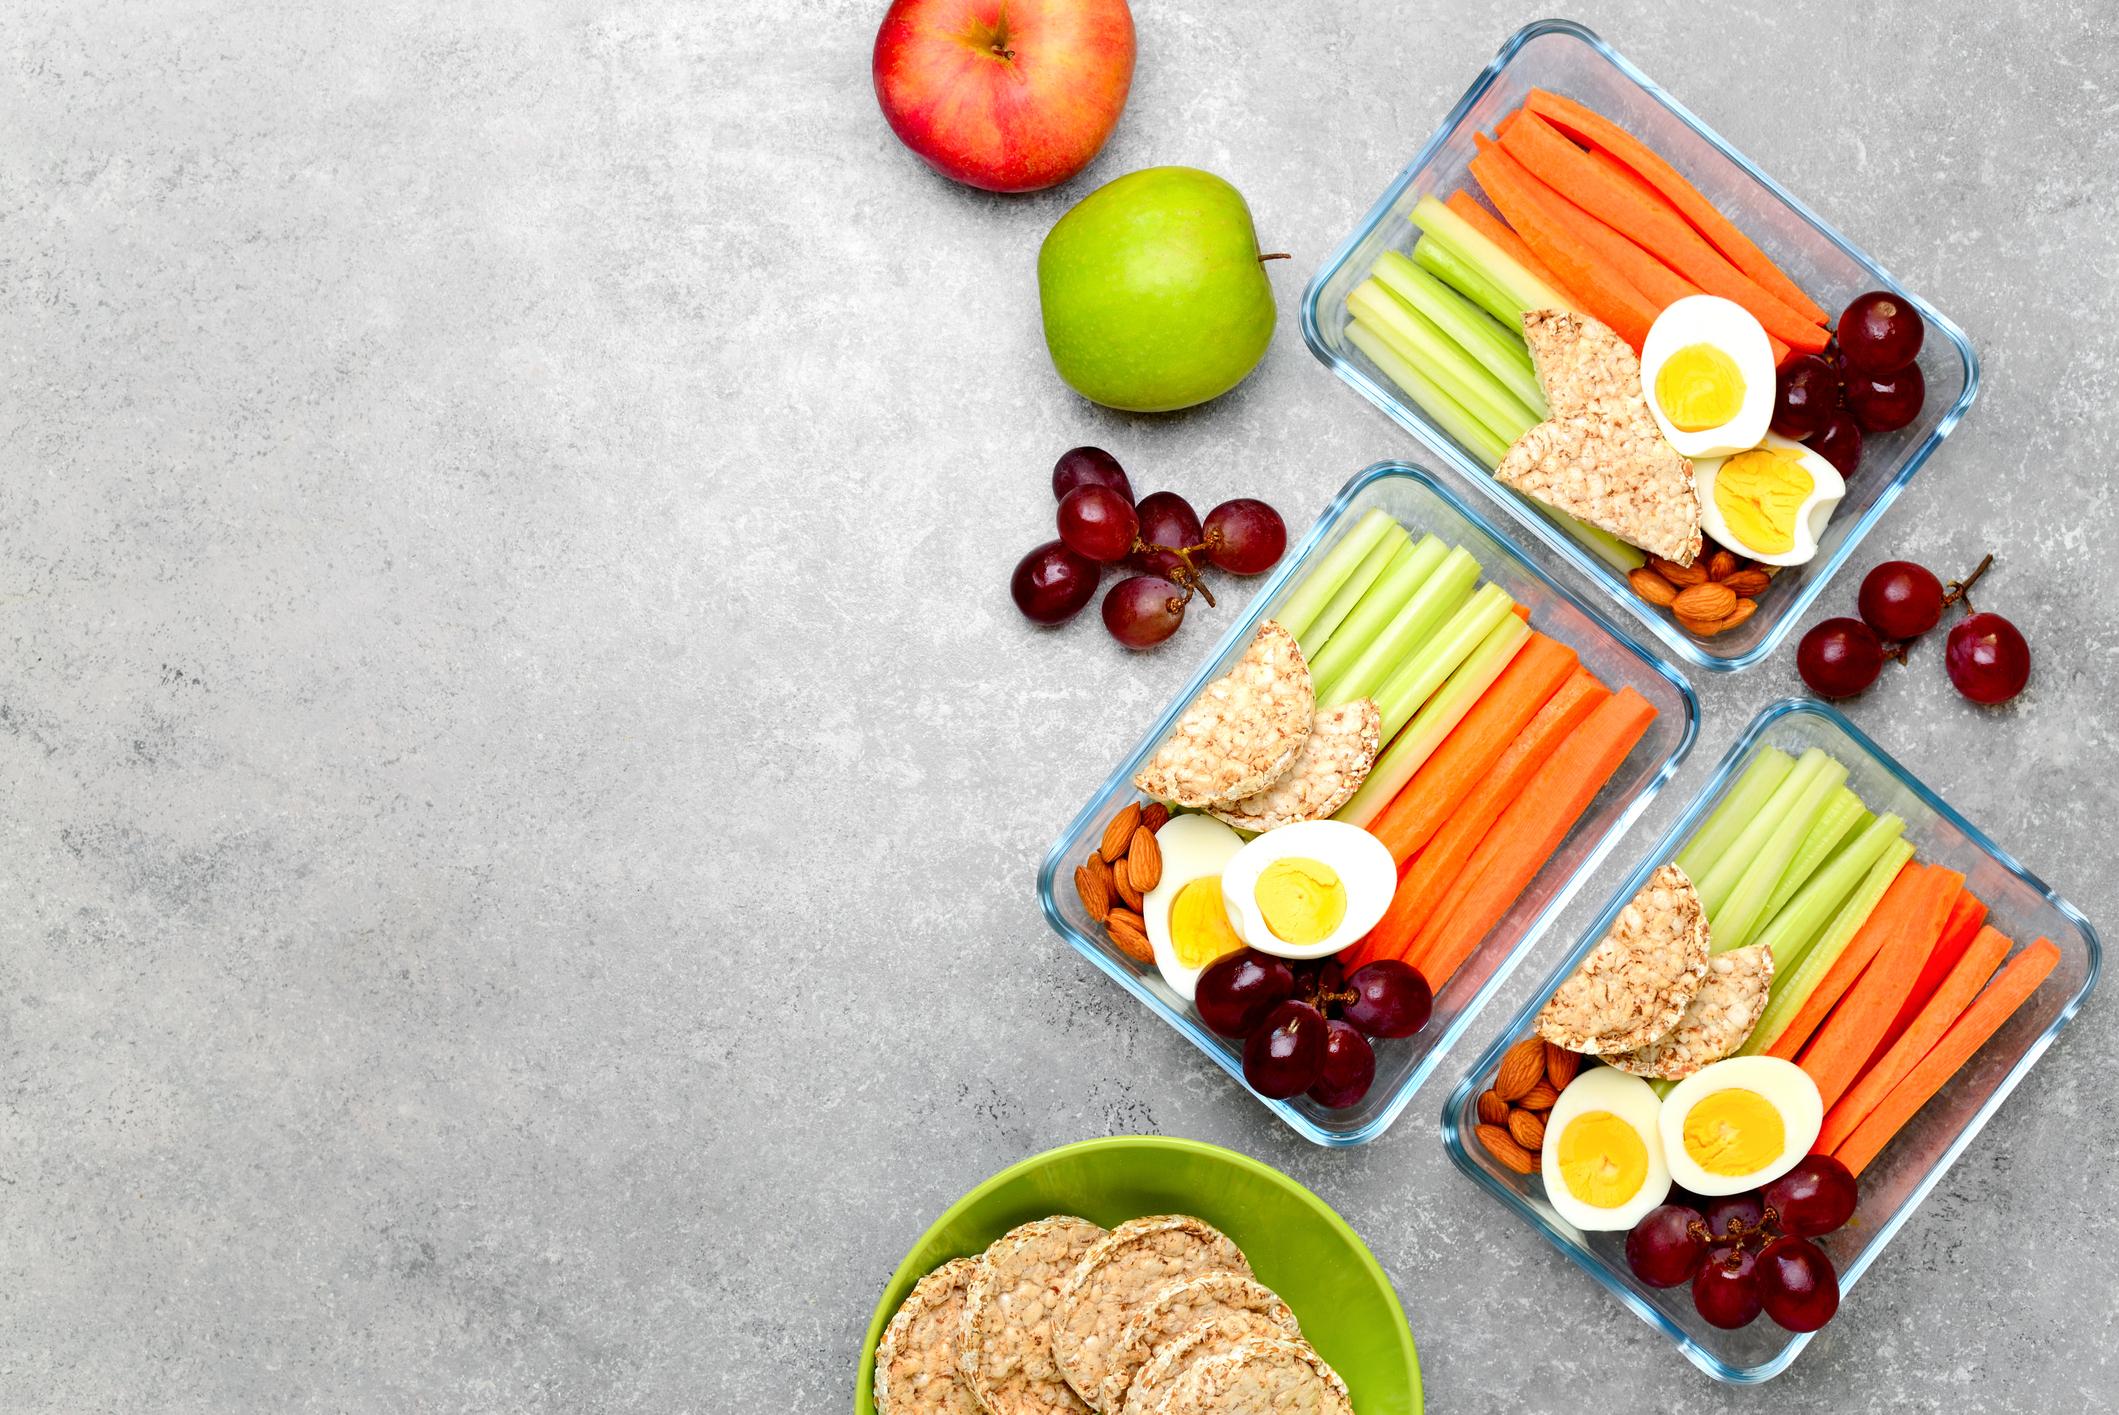 Кутии за съхранение на храна<br /> Никой не е казал, че не трябва да ядете манго и ананас. Просто мястото им не е в купата с плодове, а в кутии за съхранение на храна, в които сте ги сложили предварително нарязани и готови за хапване. Така винаги, когато искате просто да хрупате нещо, ще имате здравословна алтернатива.<br />